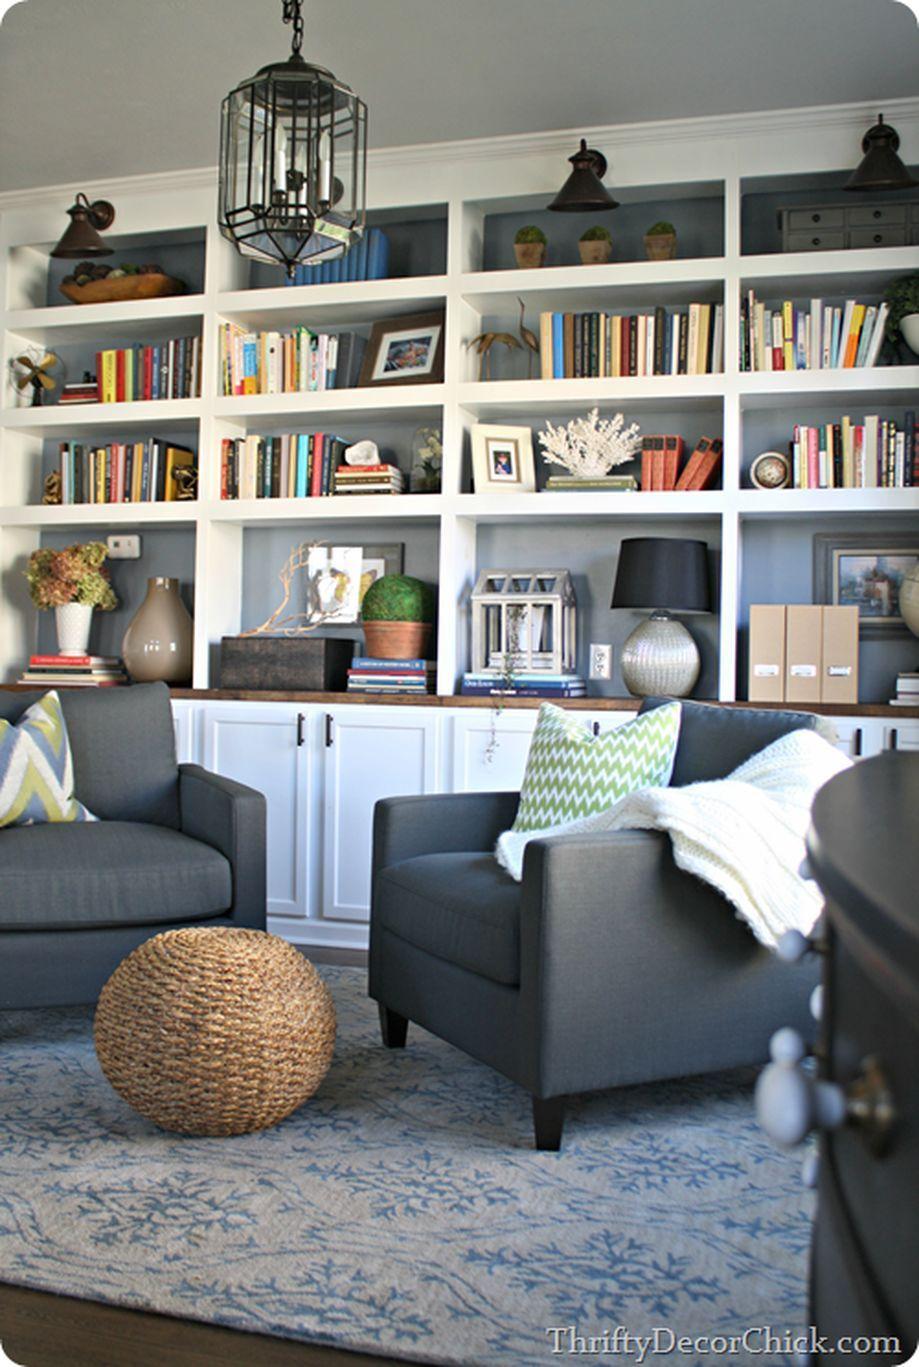 60 Brilliant Built In Shelves Design Ideas For Living Room Living Room Remodel Home Room Remodeling